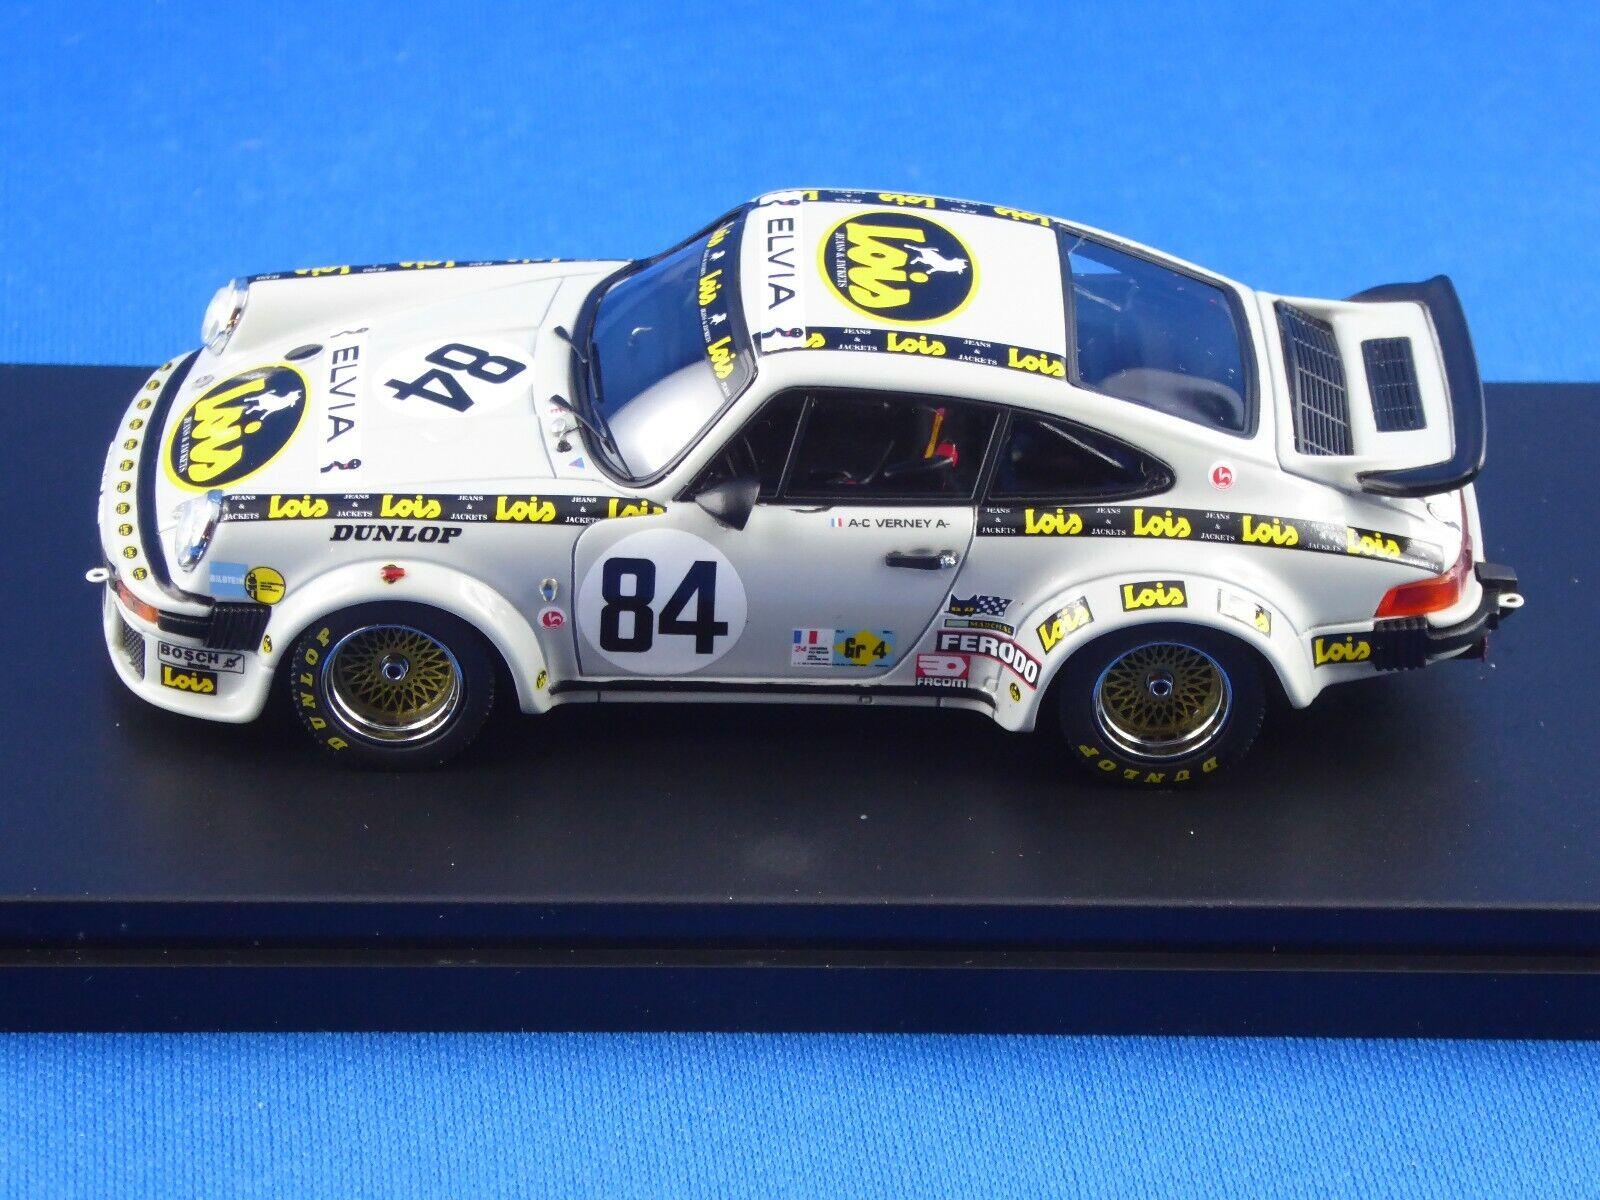 1 43 Porsche 934 Le Mans 24 h 1979 (Verney & Bardinon), Premium X, limitée